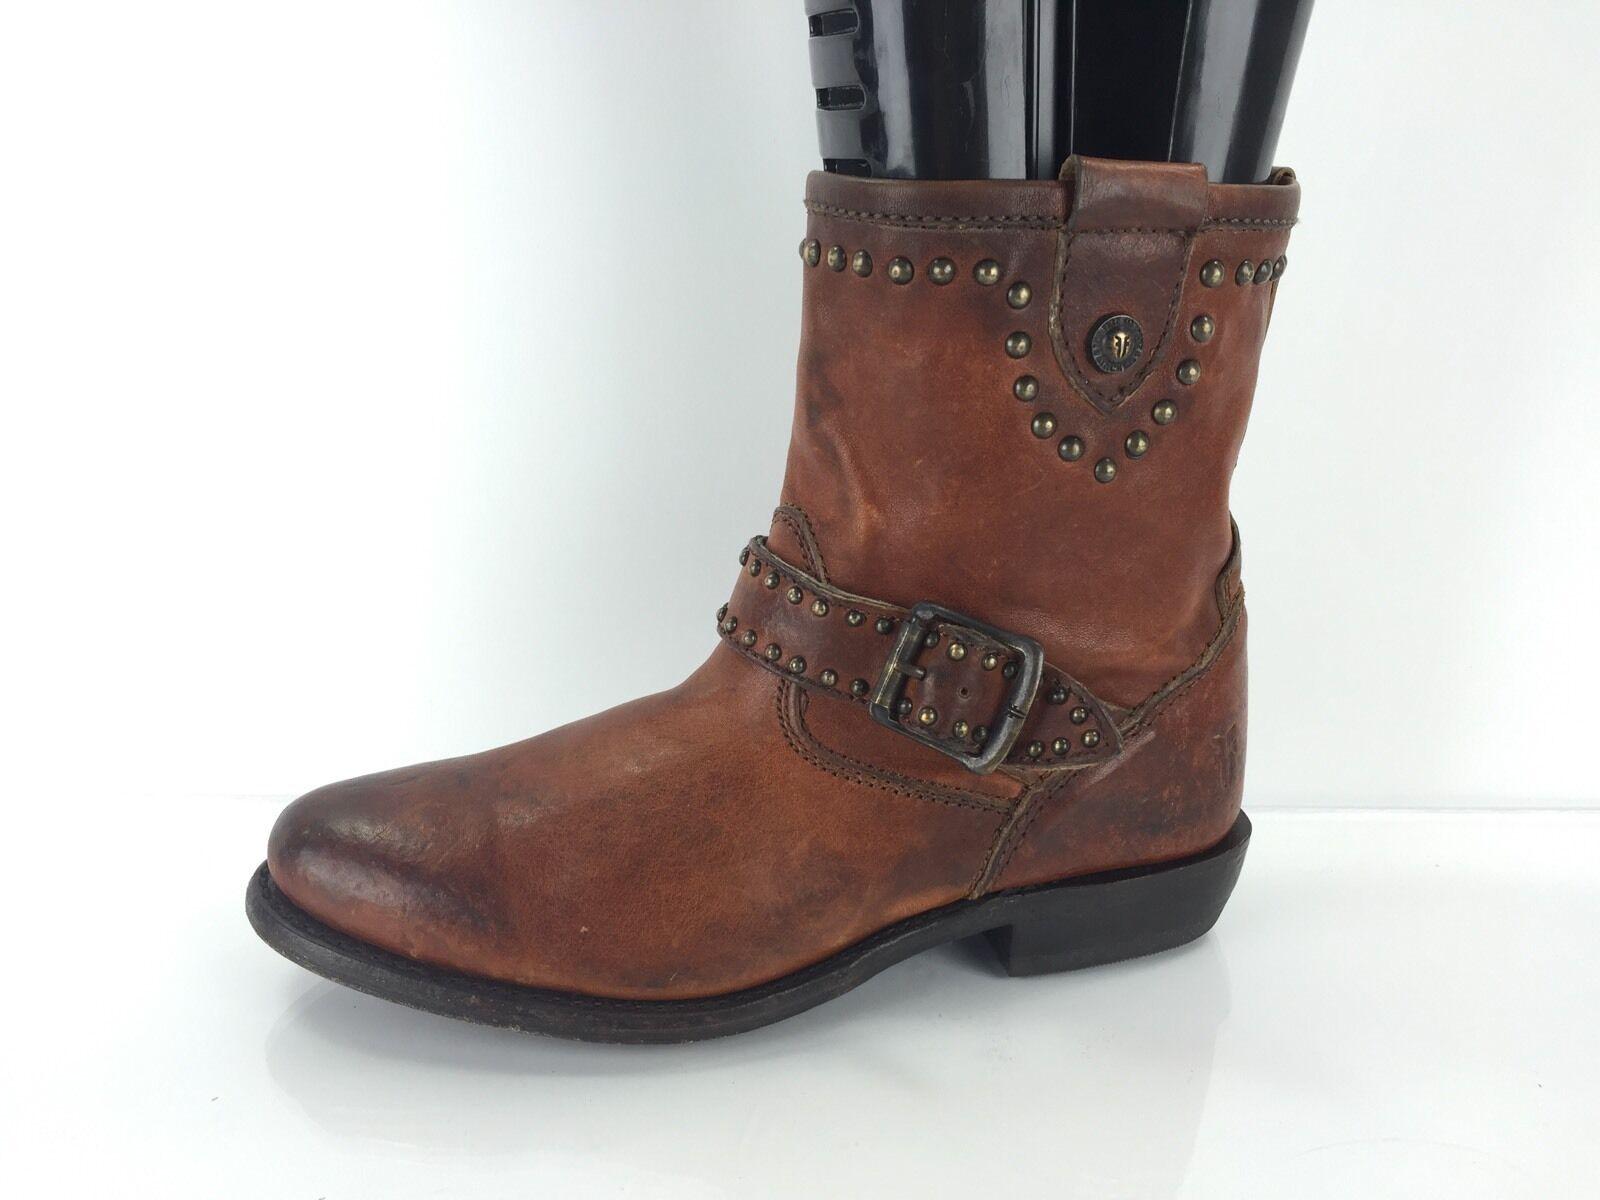 spedizione gratuita in tutto il mondo Frye Donna  Marrone Leather Leather Leather stivali 5.5 B  rivenditore di fitness